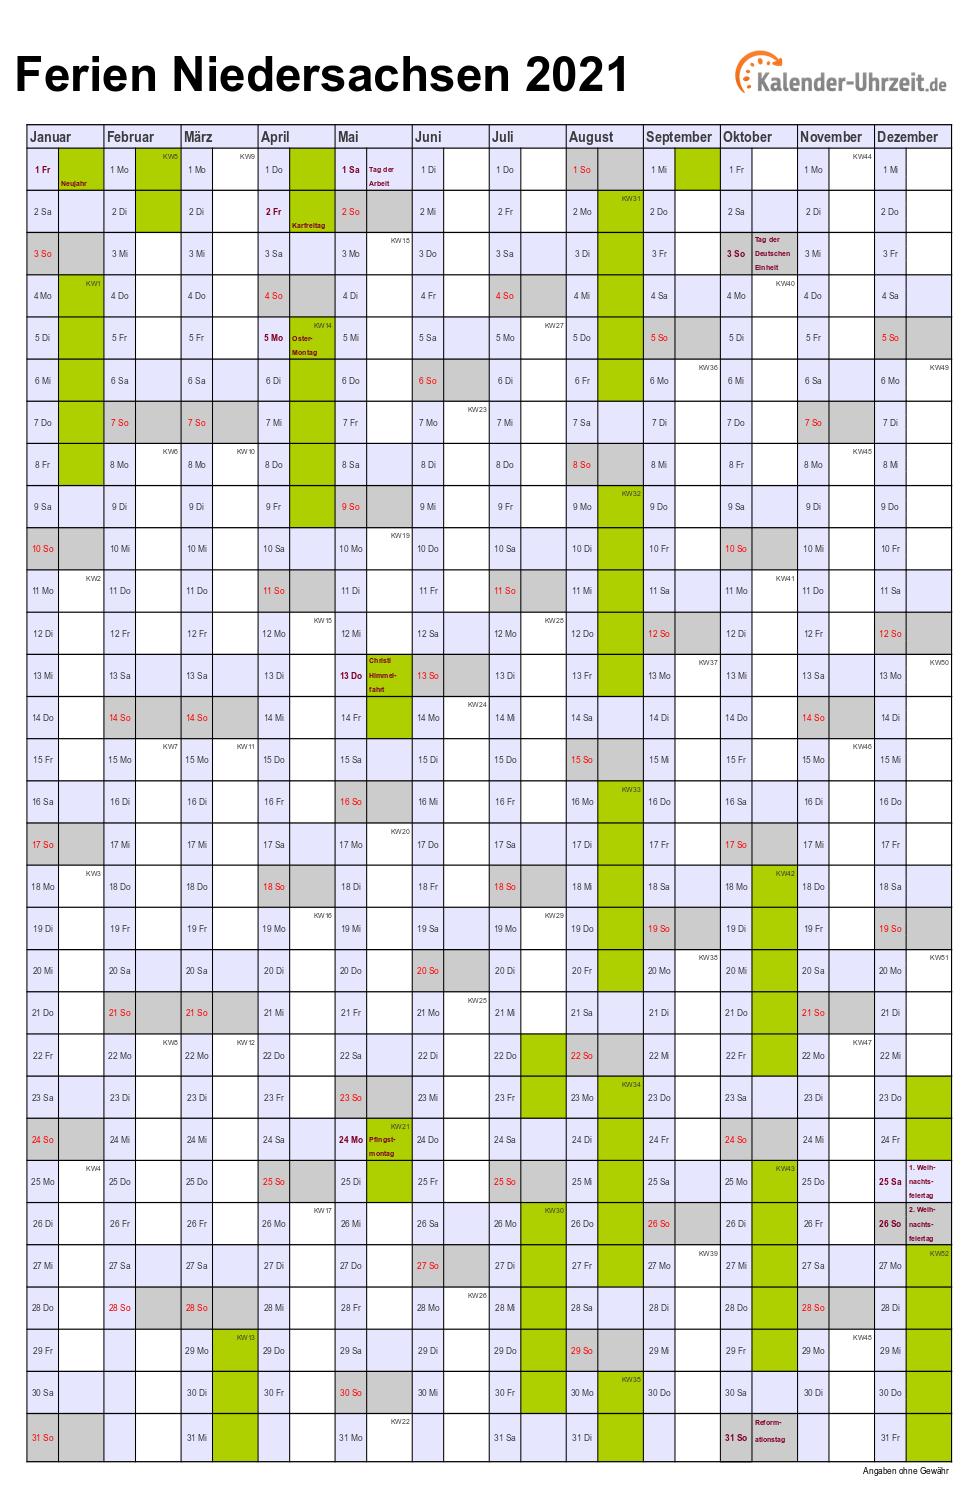 Ferien Niedersachsen 2021 - Ferienkalender zum Ausdrucken